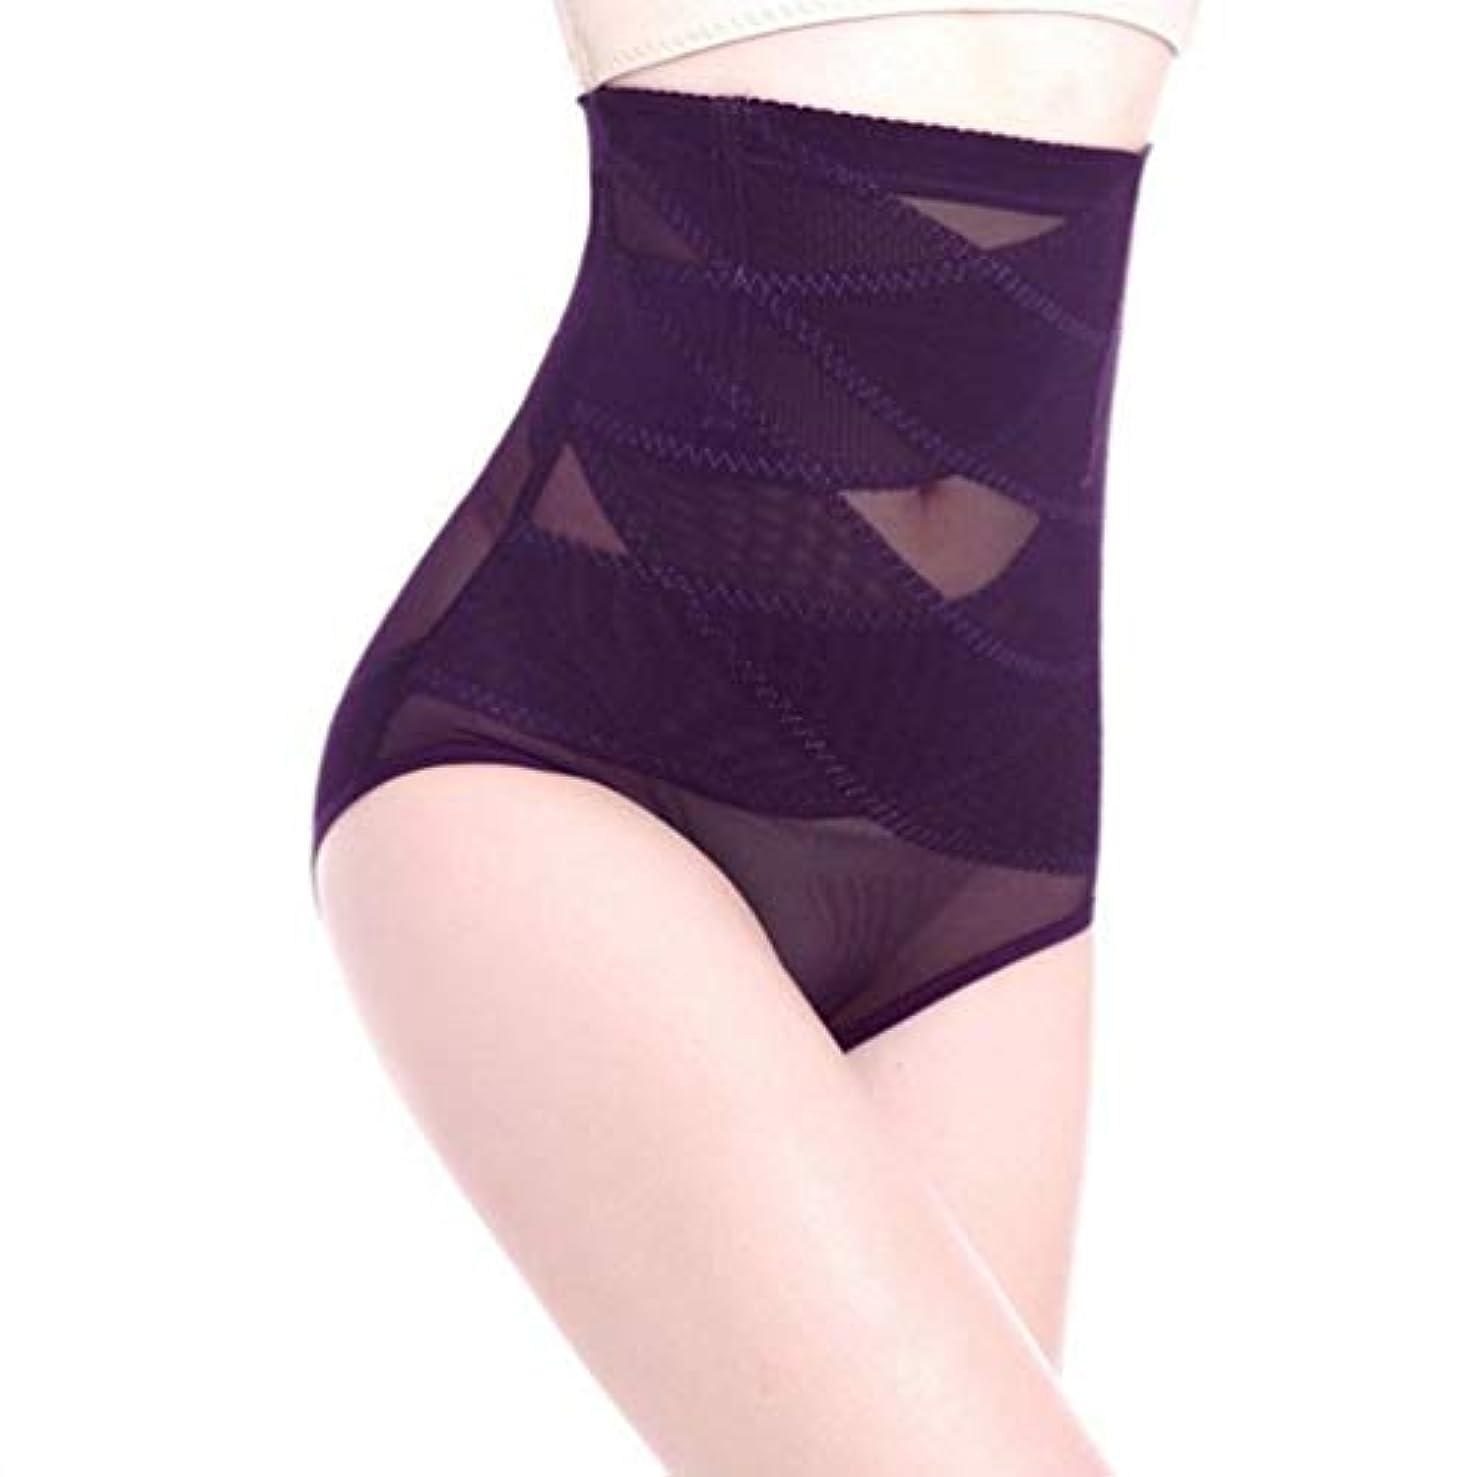 歯車固有の貼り直す通気性のあるハイウエスト女性痩身腹部コントロール下着シームレスおなかコントロールパンティーバットリフターボディシェイパー - パープル3 XL